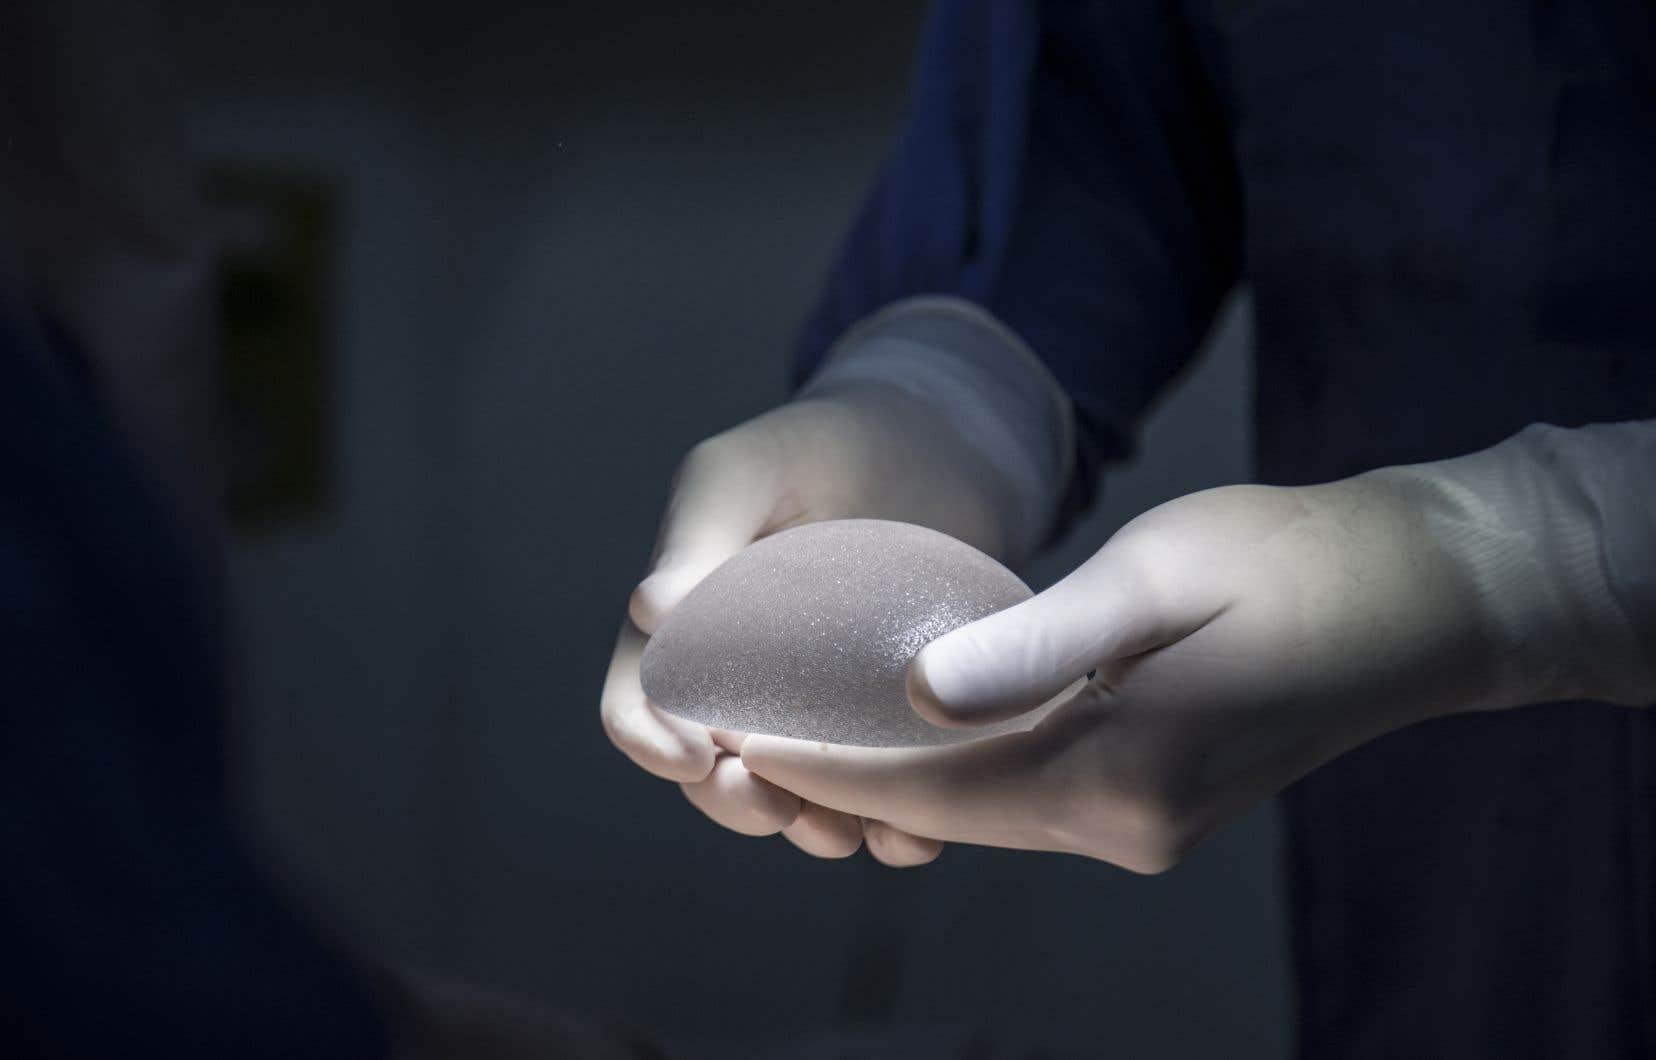 Santé Canada donne 15 jours à Allergan pour soumettre «toute nouvelle preuve» pour prouver que les implants Biocell sont sécuritaires.